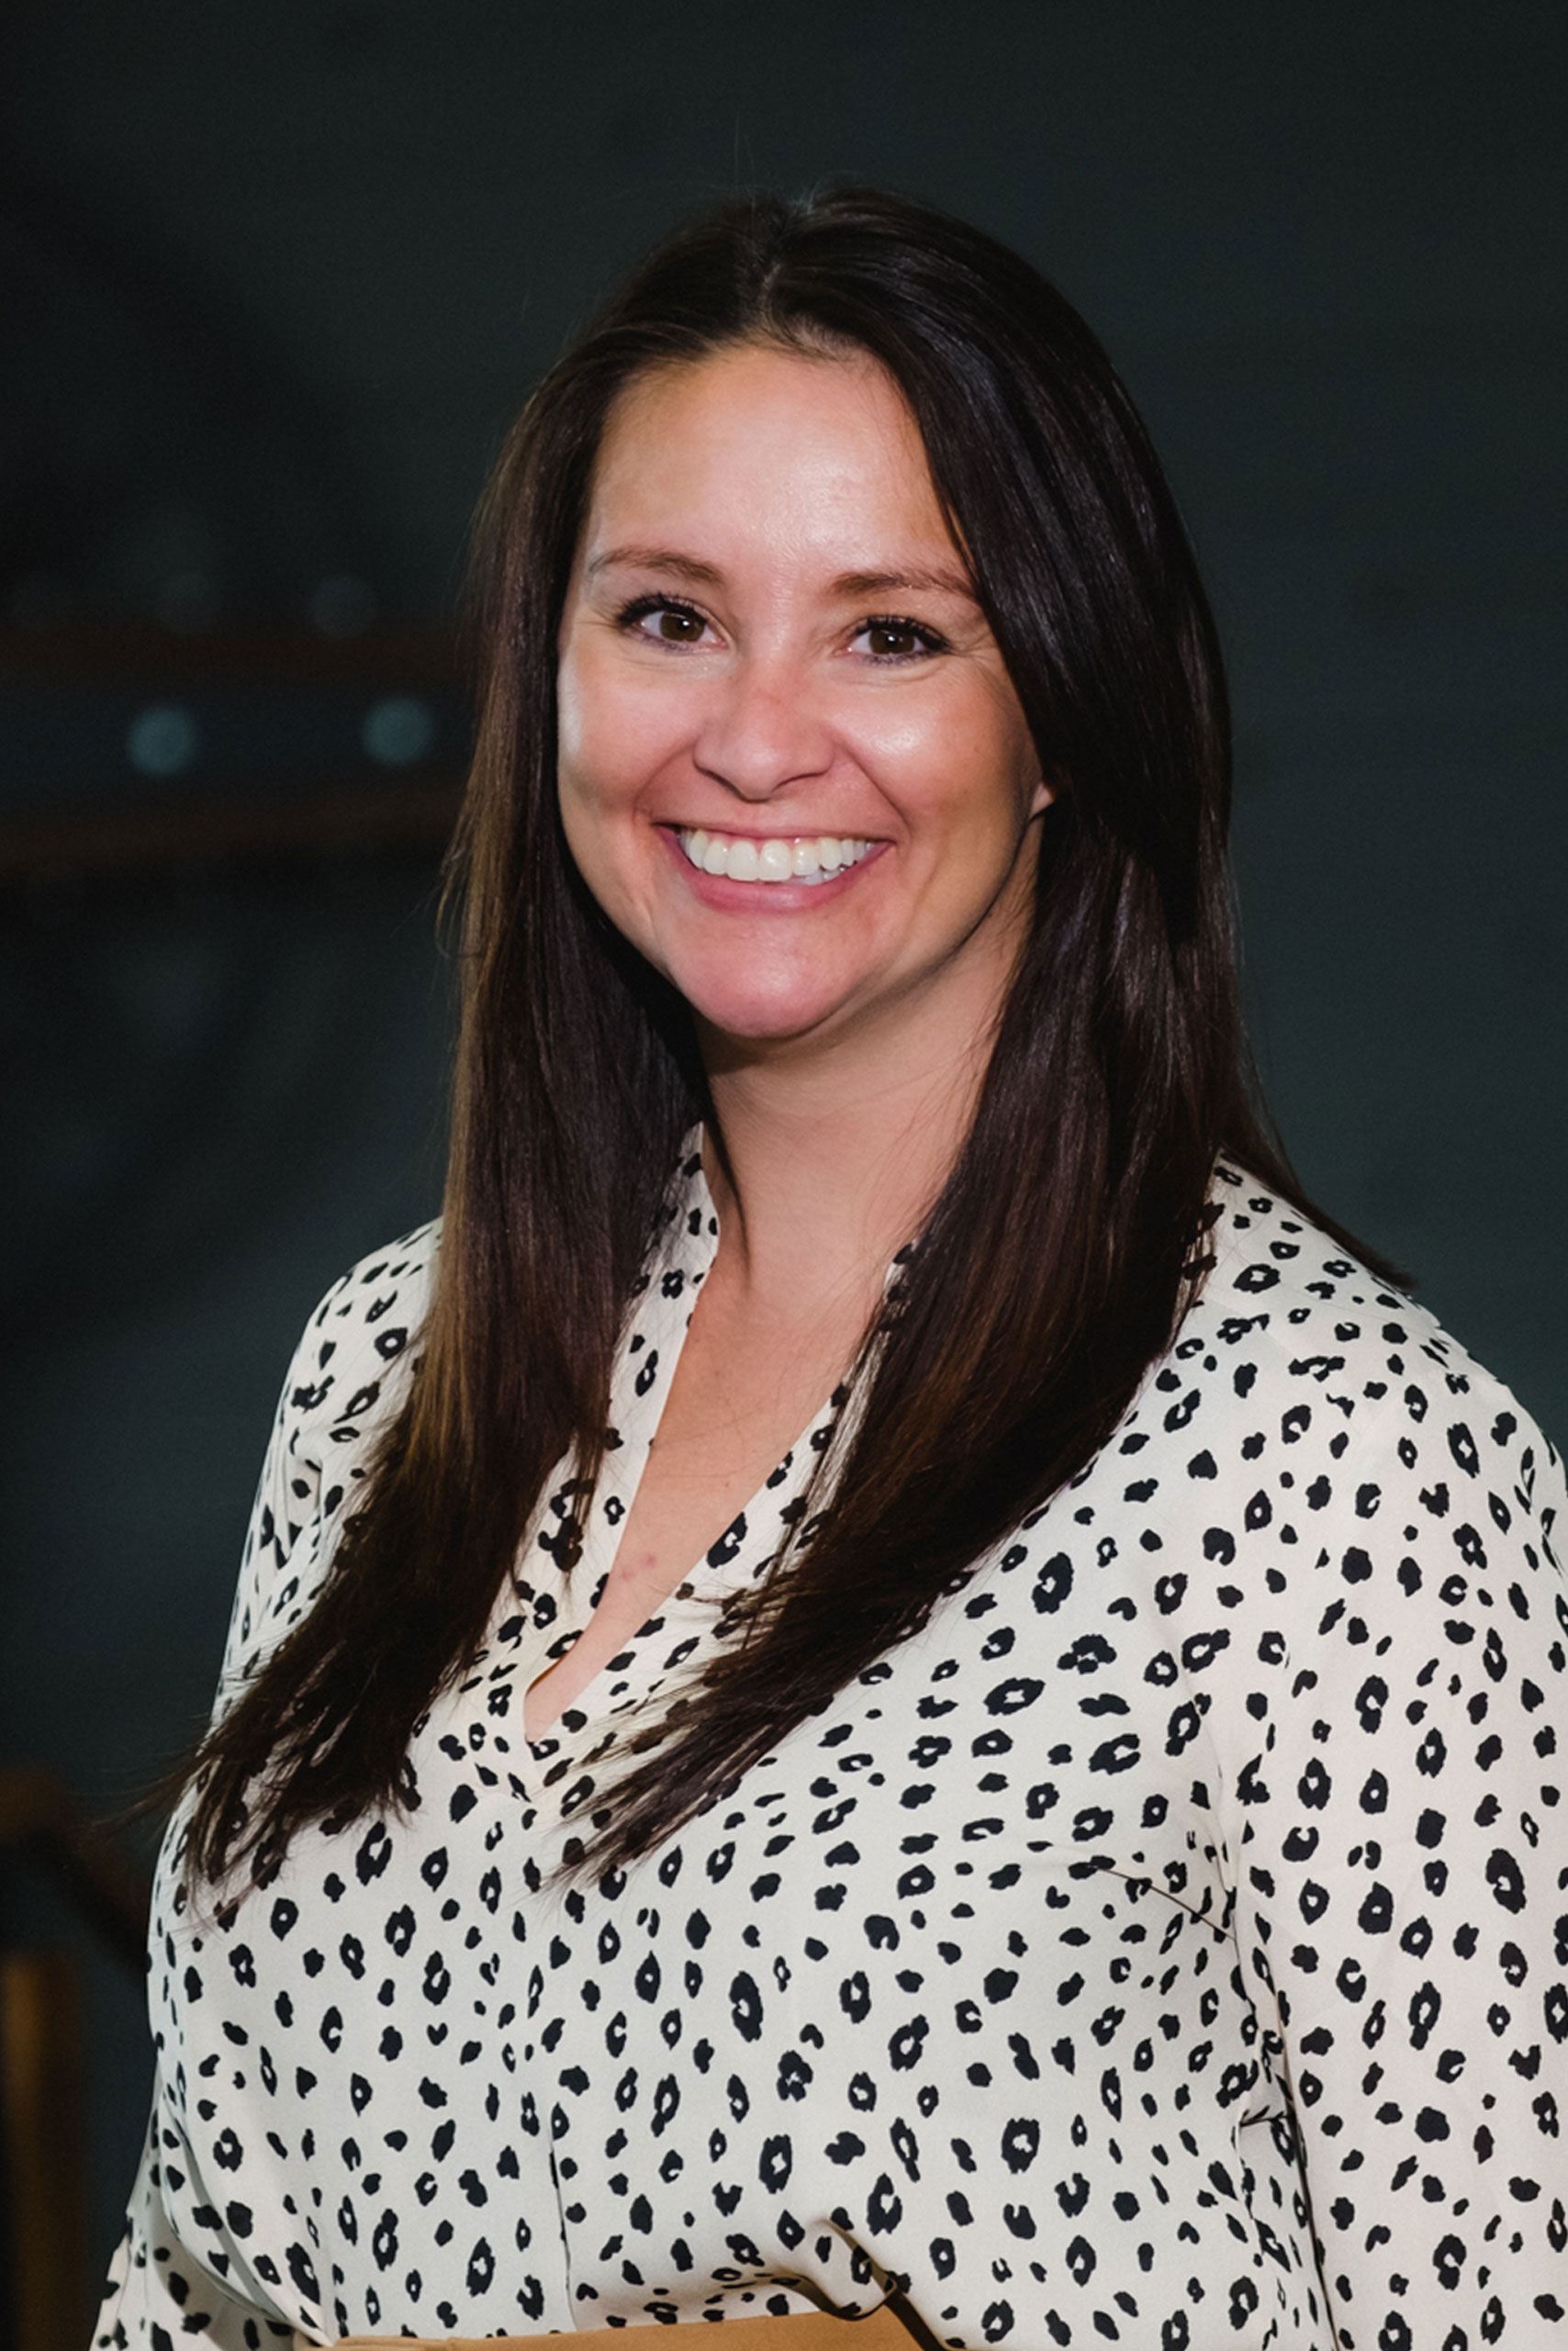 Megan Rawlings